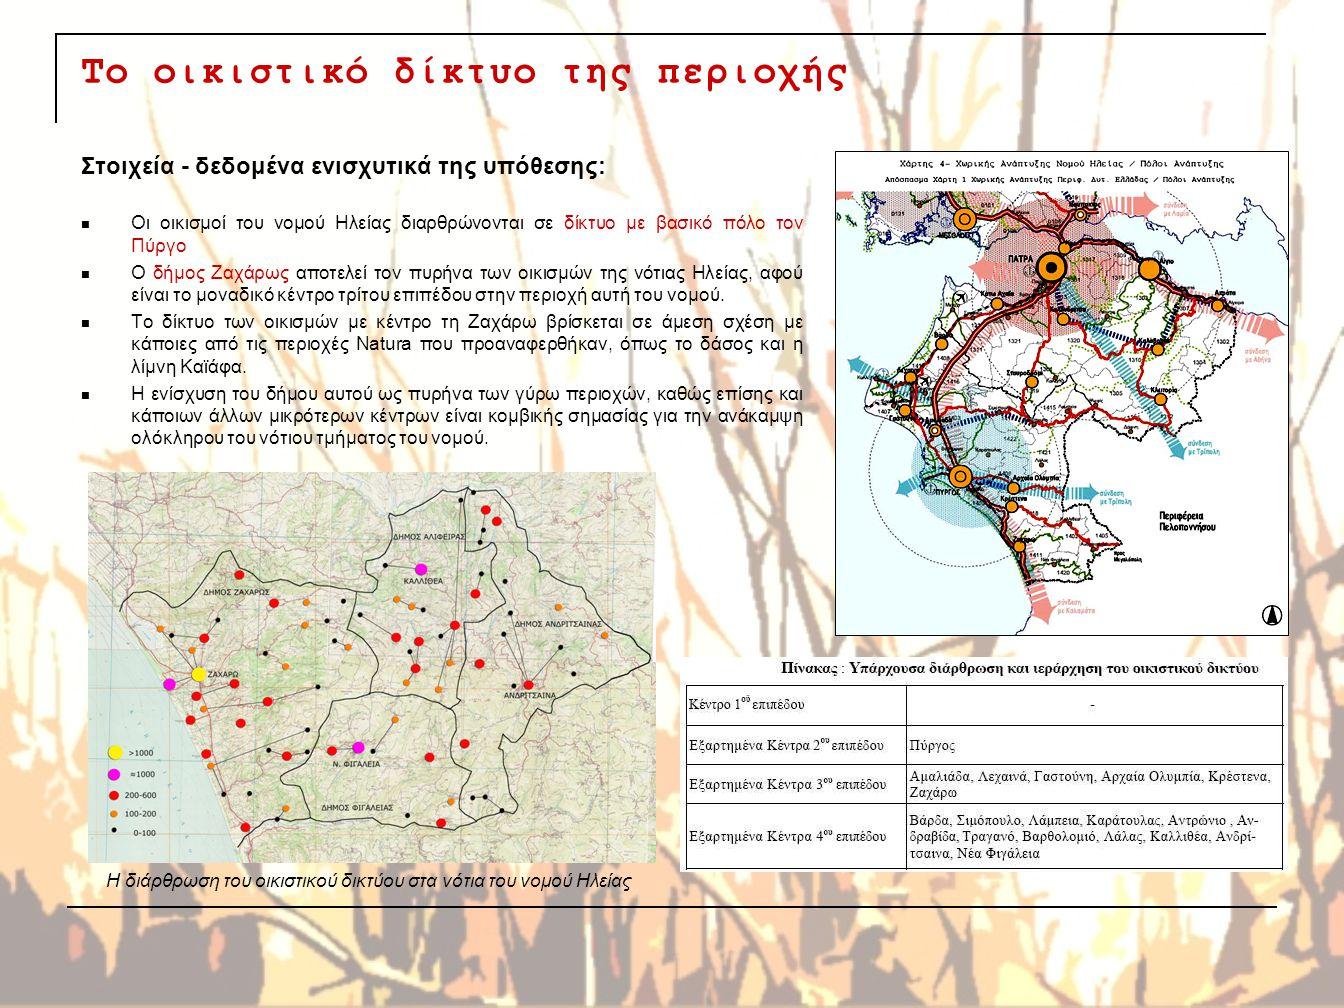 Το οικιστικό δίκτυο της περιοχής Στοιχεία - δεδομένα ενισχυτικά της υπόθεσης: Οι οικισμοί του νομού Ηλείας διαρθρώνονται σε δίκτυο με βασικό πόλο τον